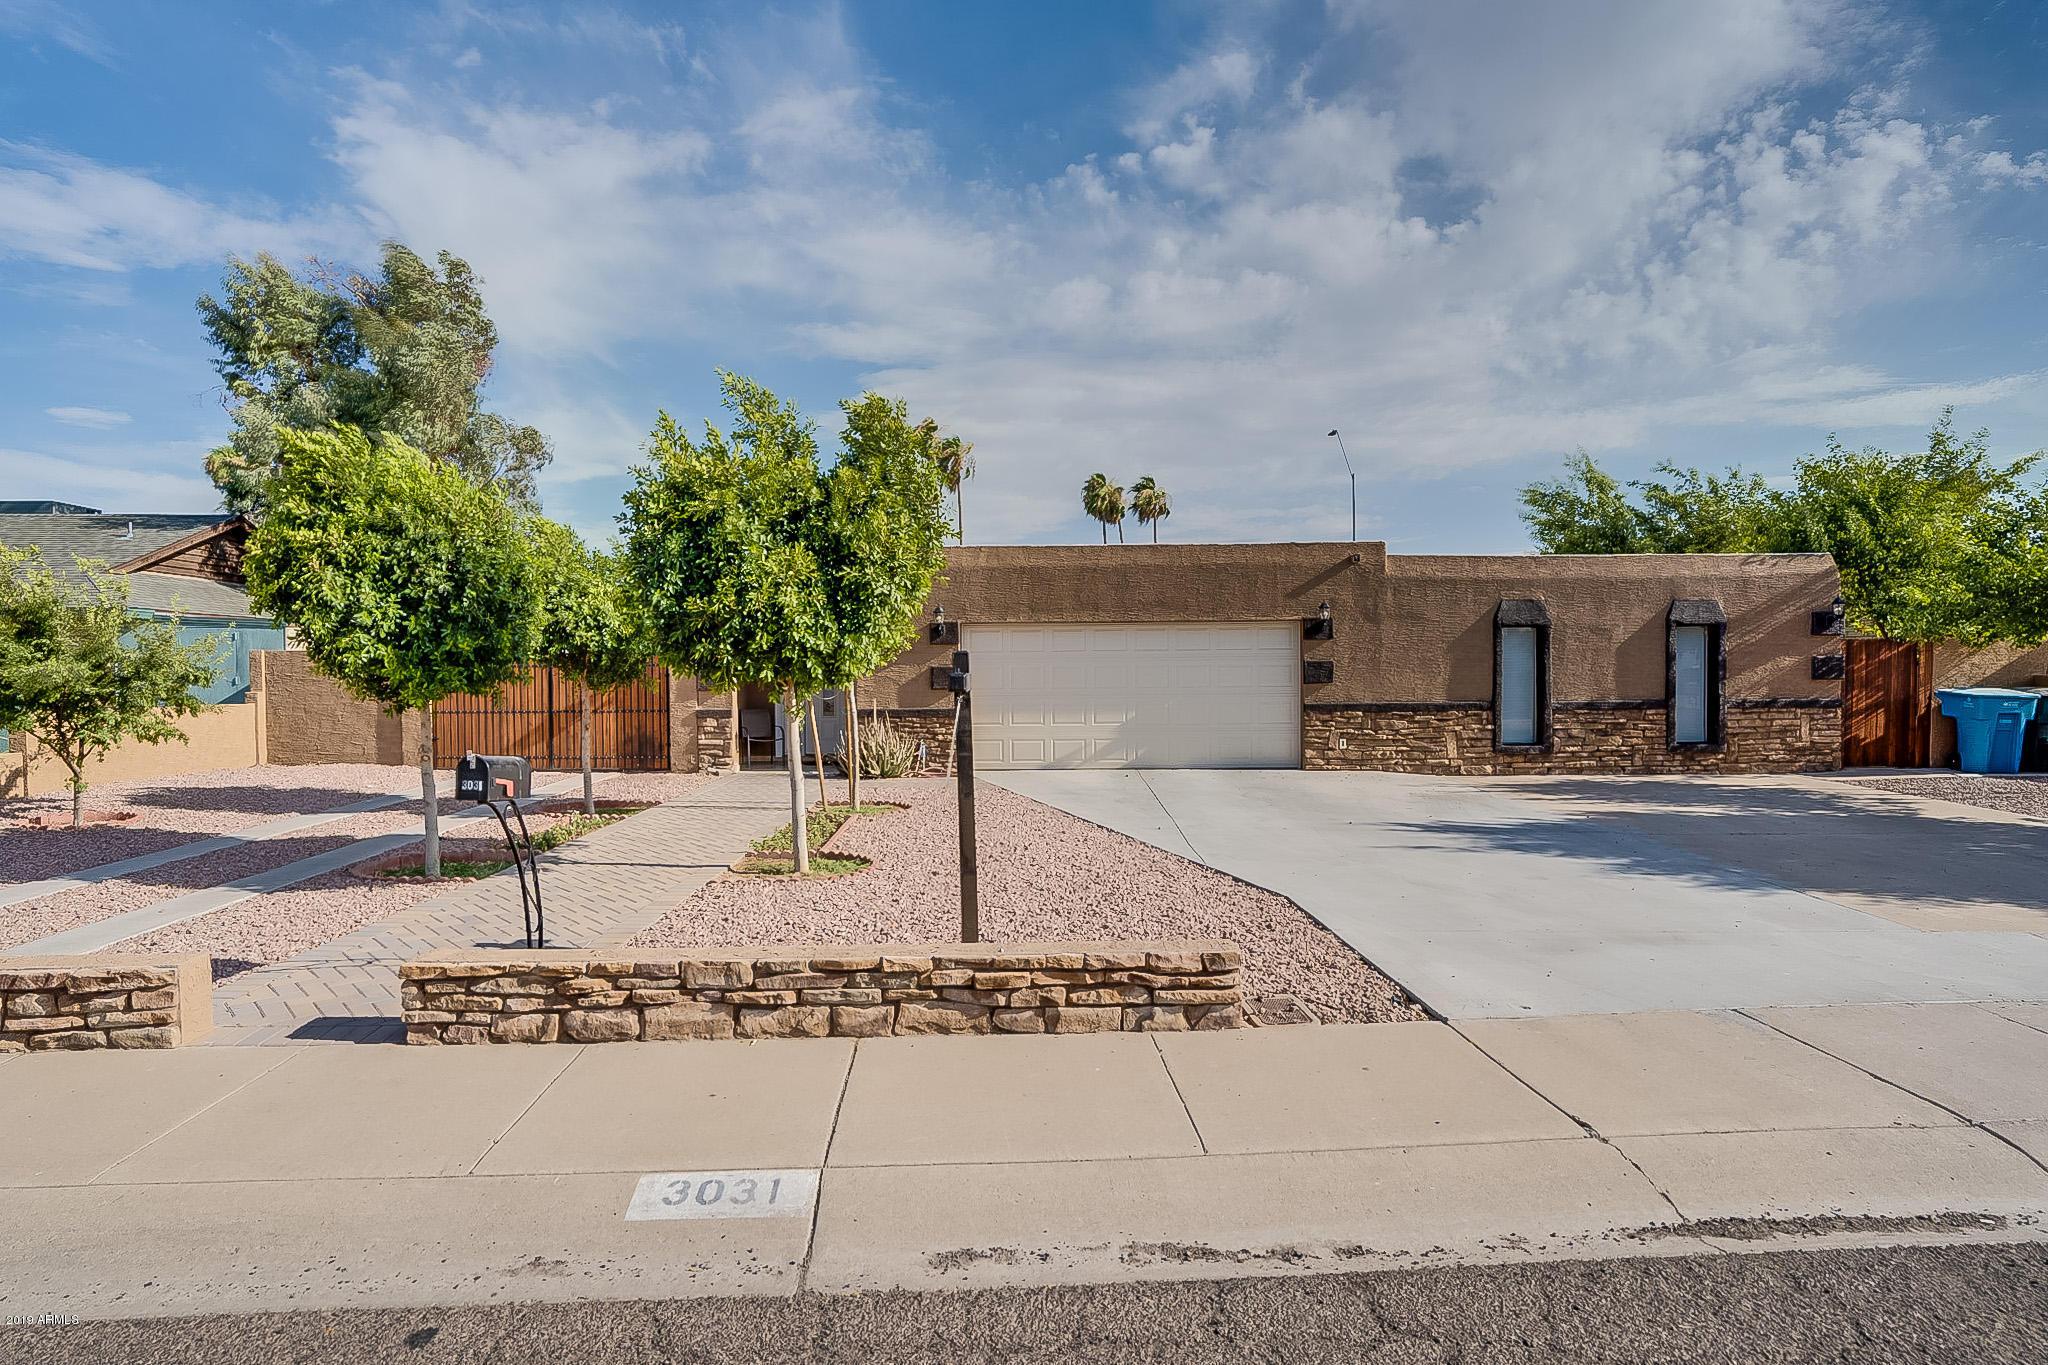 Photo for 3031 W Becker Lane, Phoenix, AZ 85029 (MLS # 5951544)